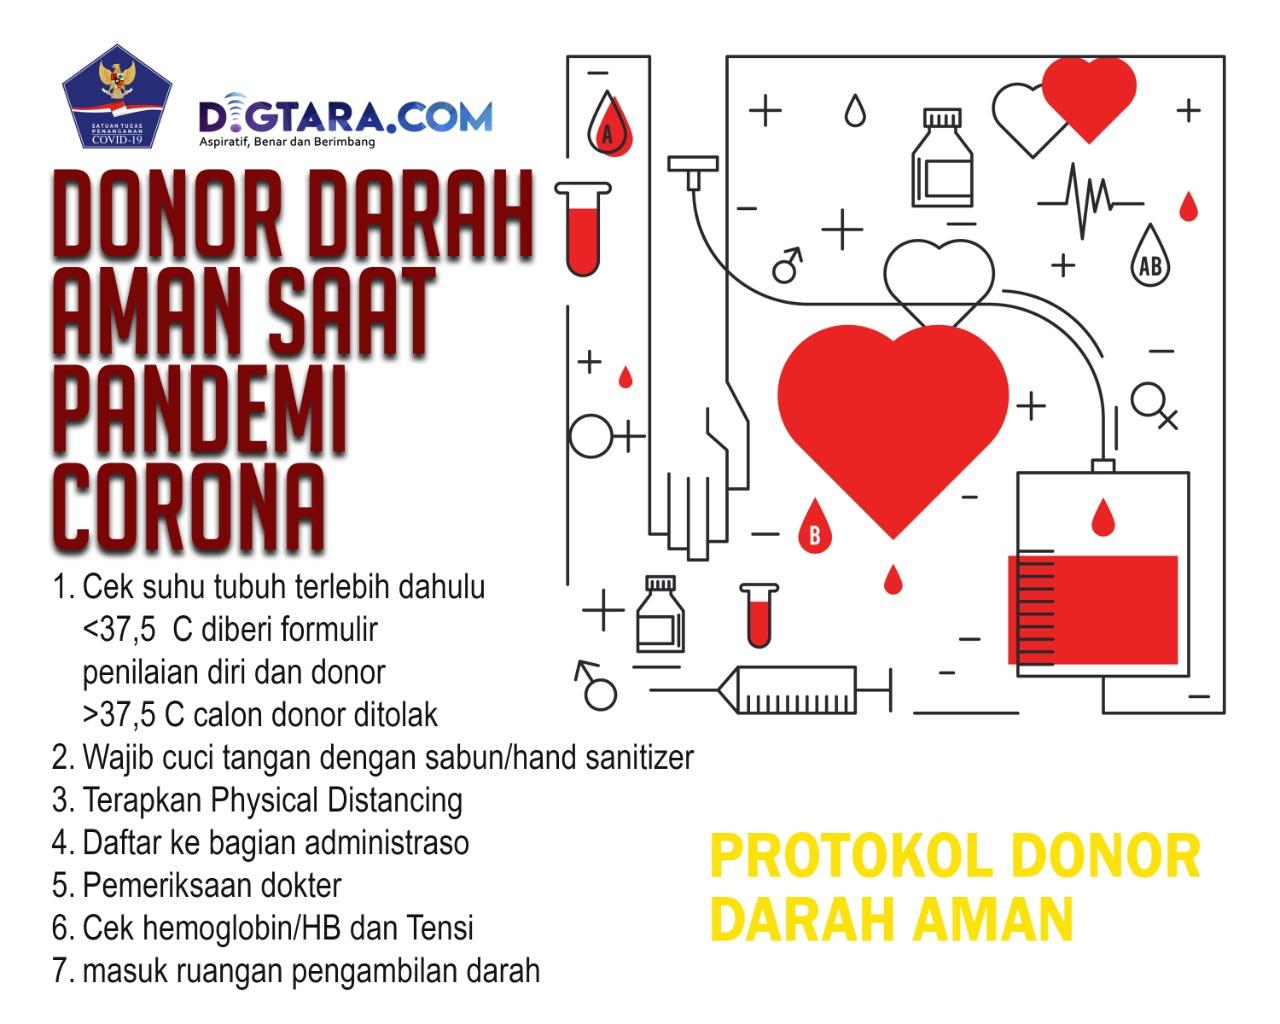 Donor Darah Aman